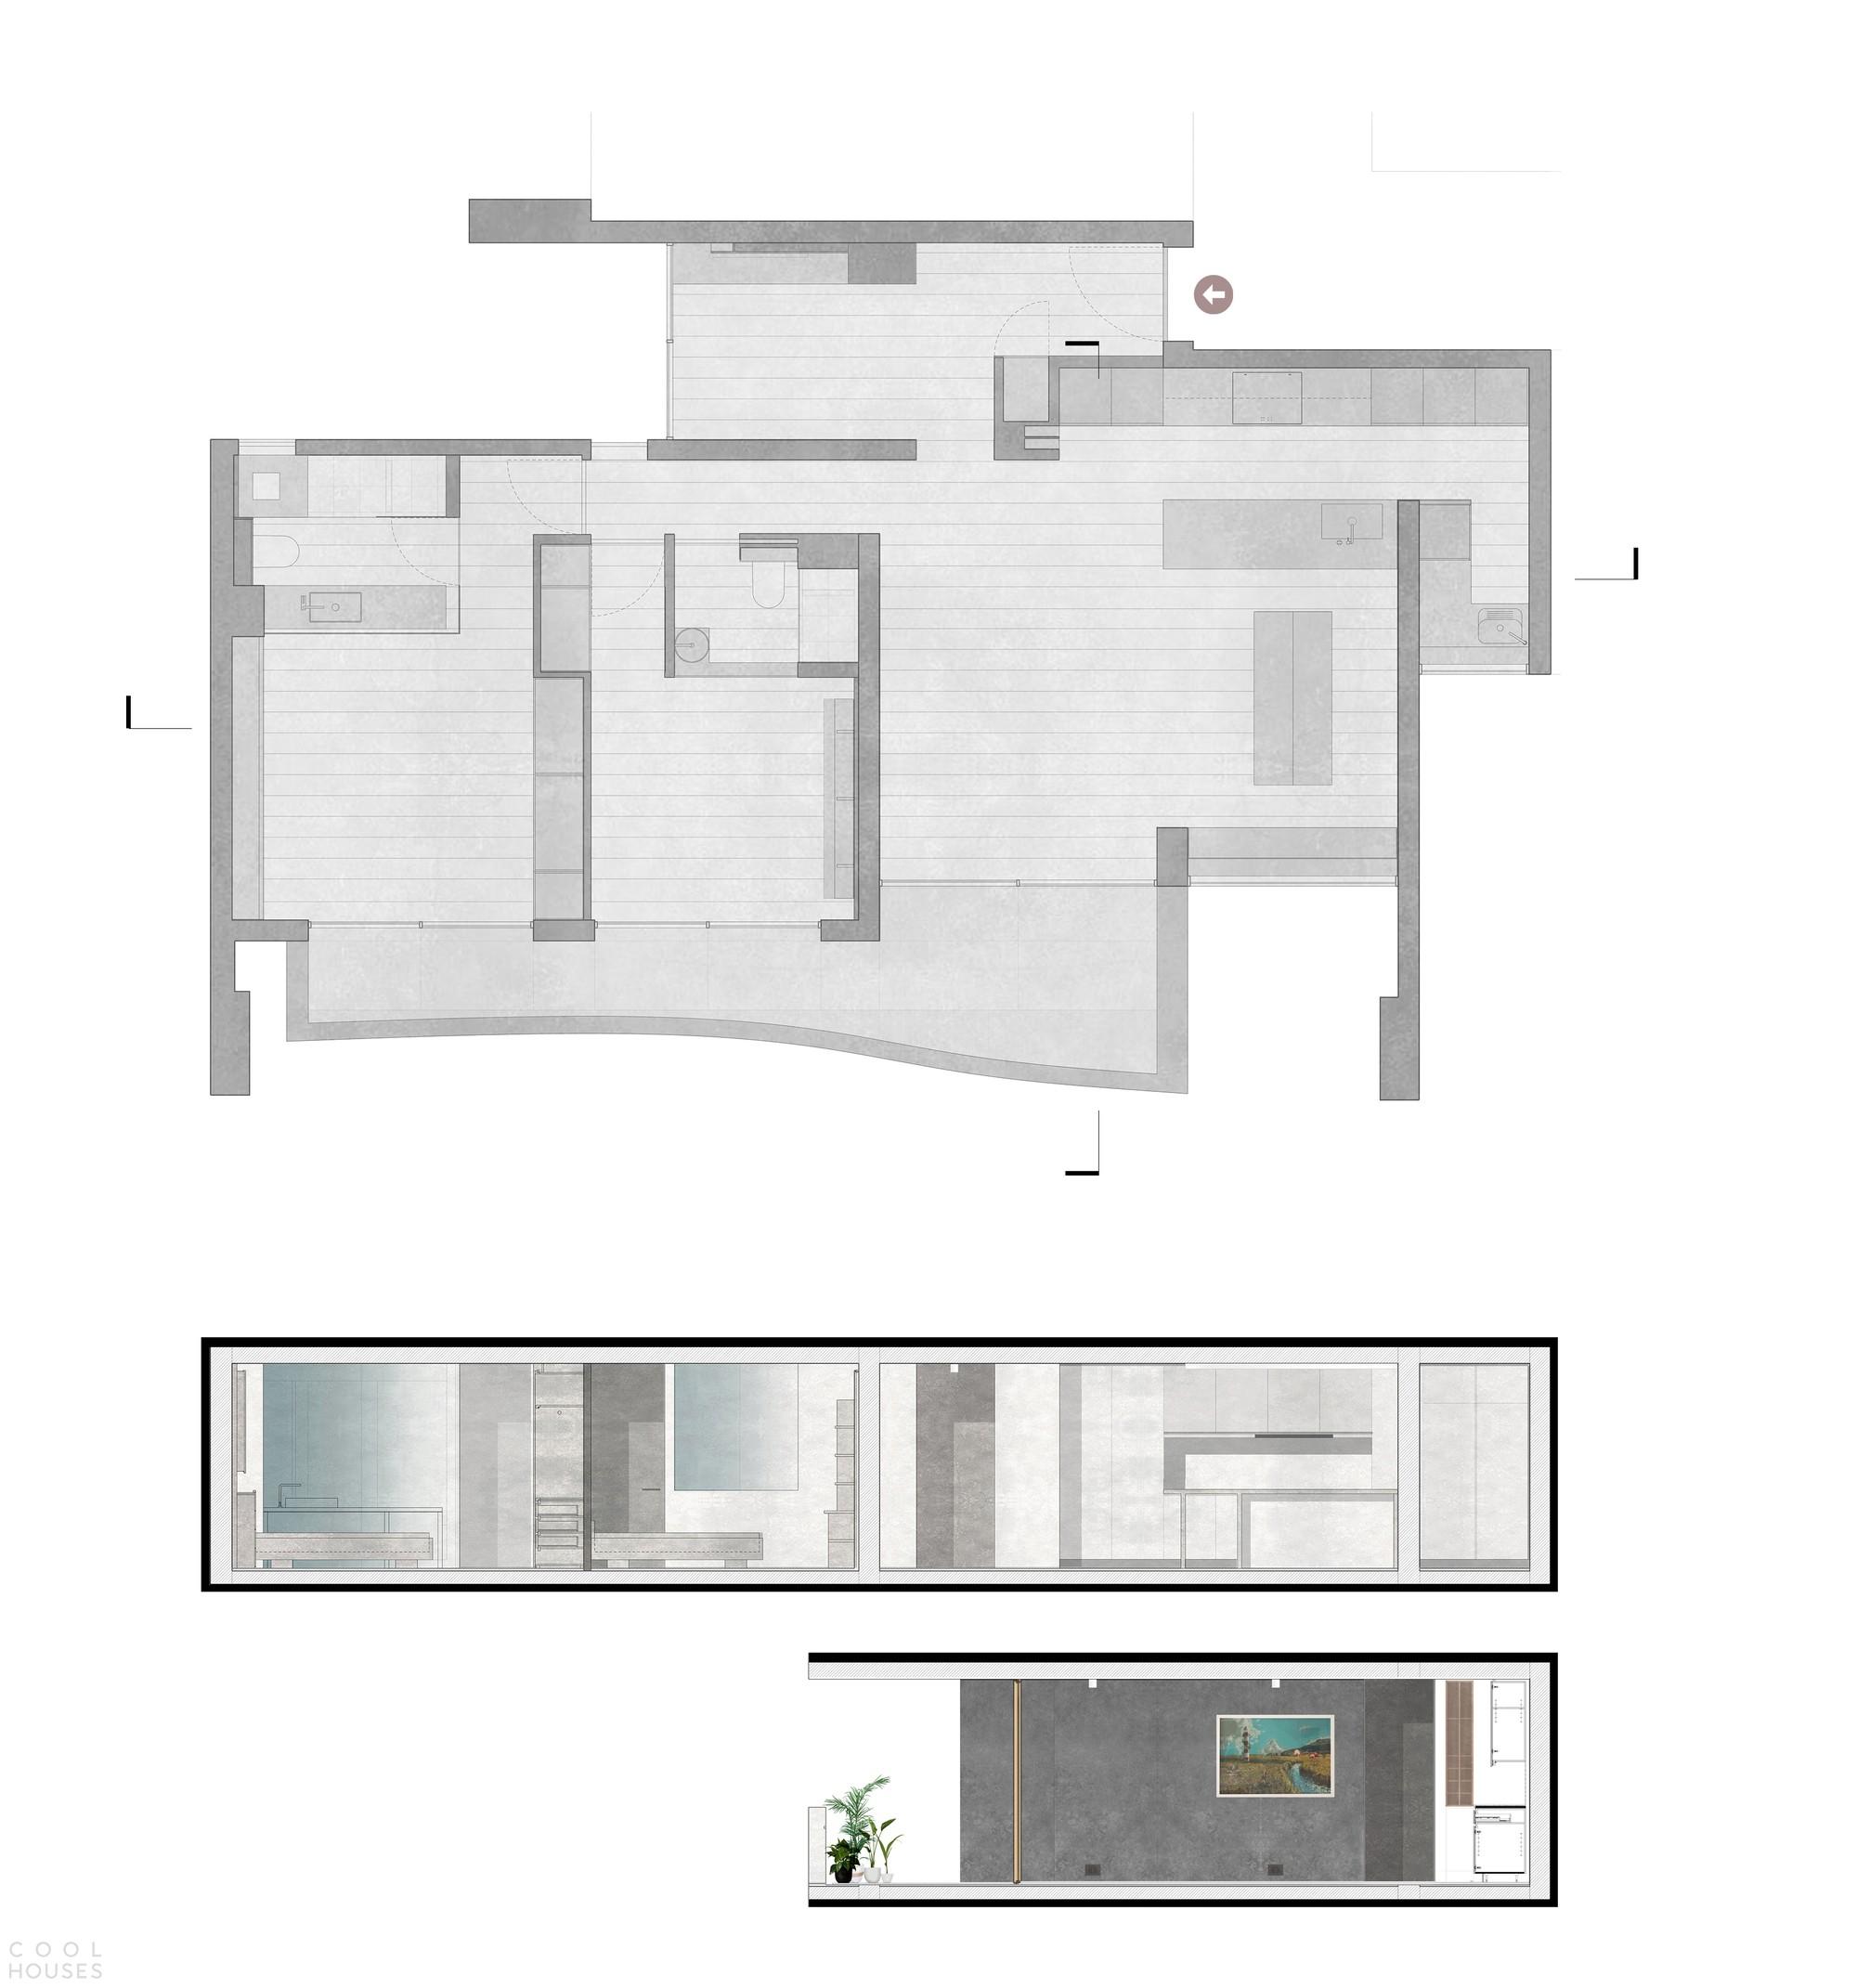 Минималистичная резиденция с эксклюзивной атмосферой